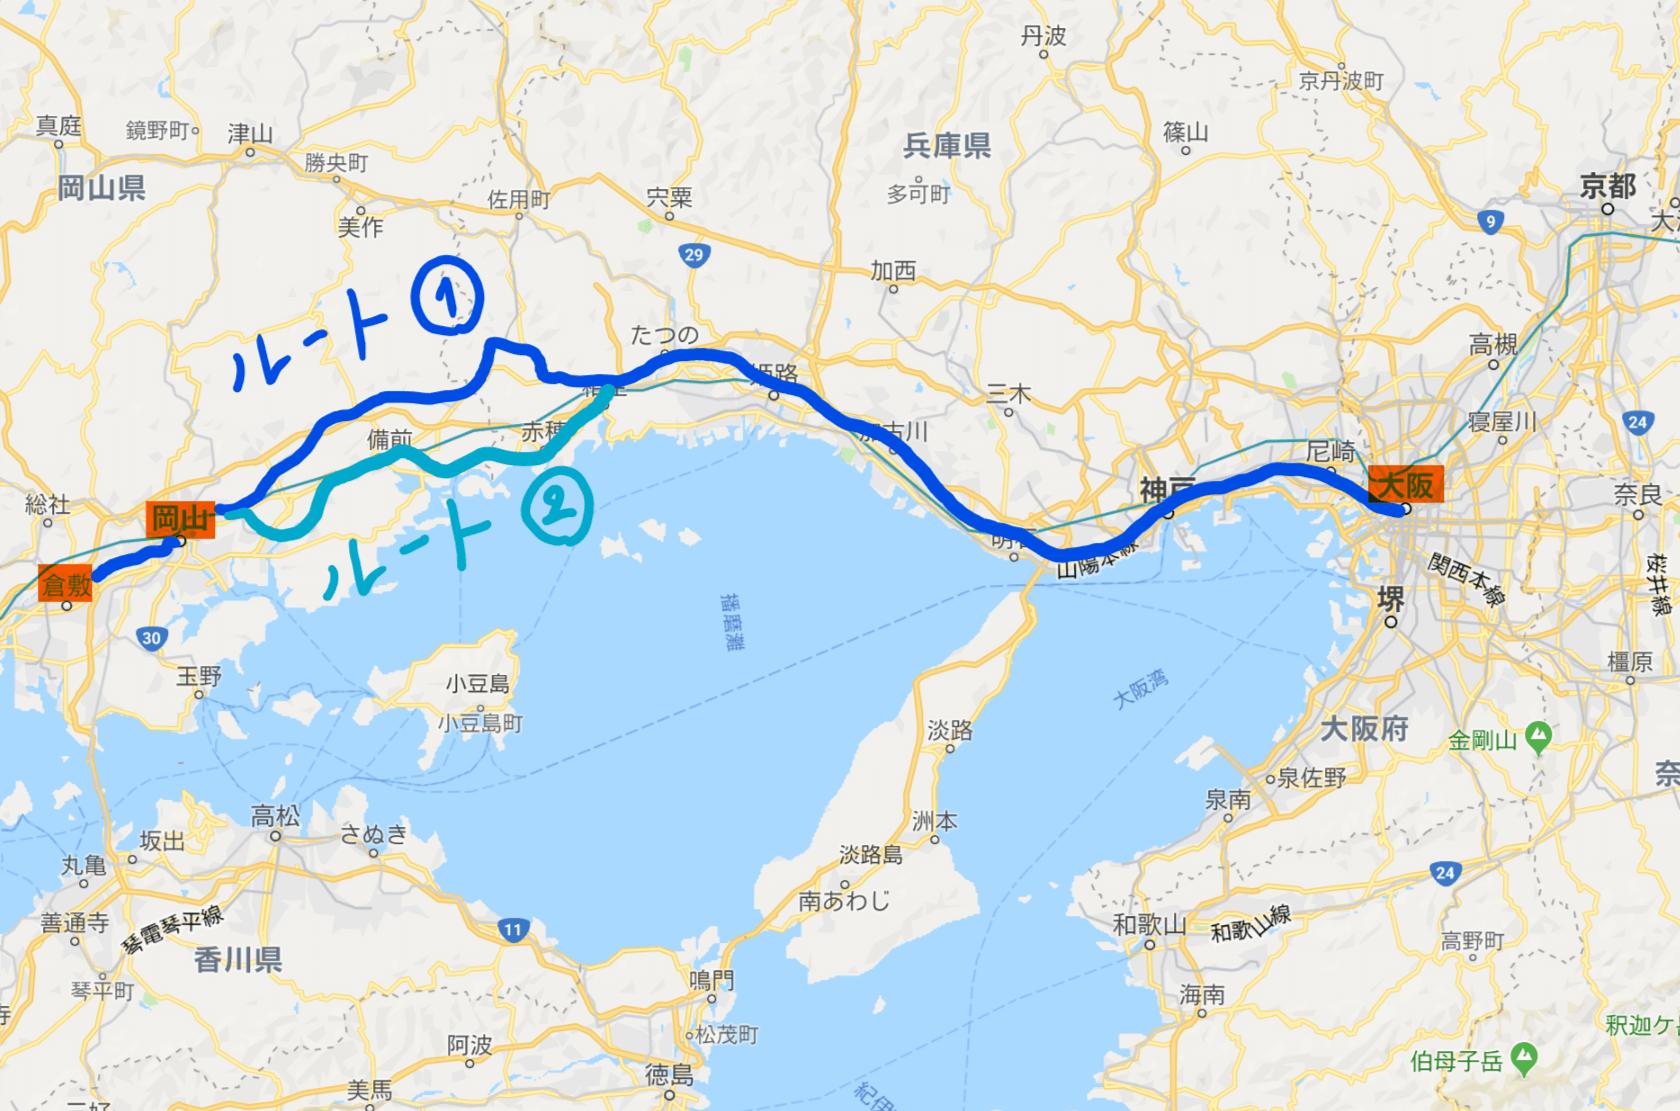 大阪から岡山までは神戸線・山陽線もしくは赤穂線を経由します。